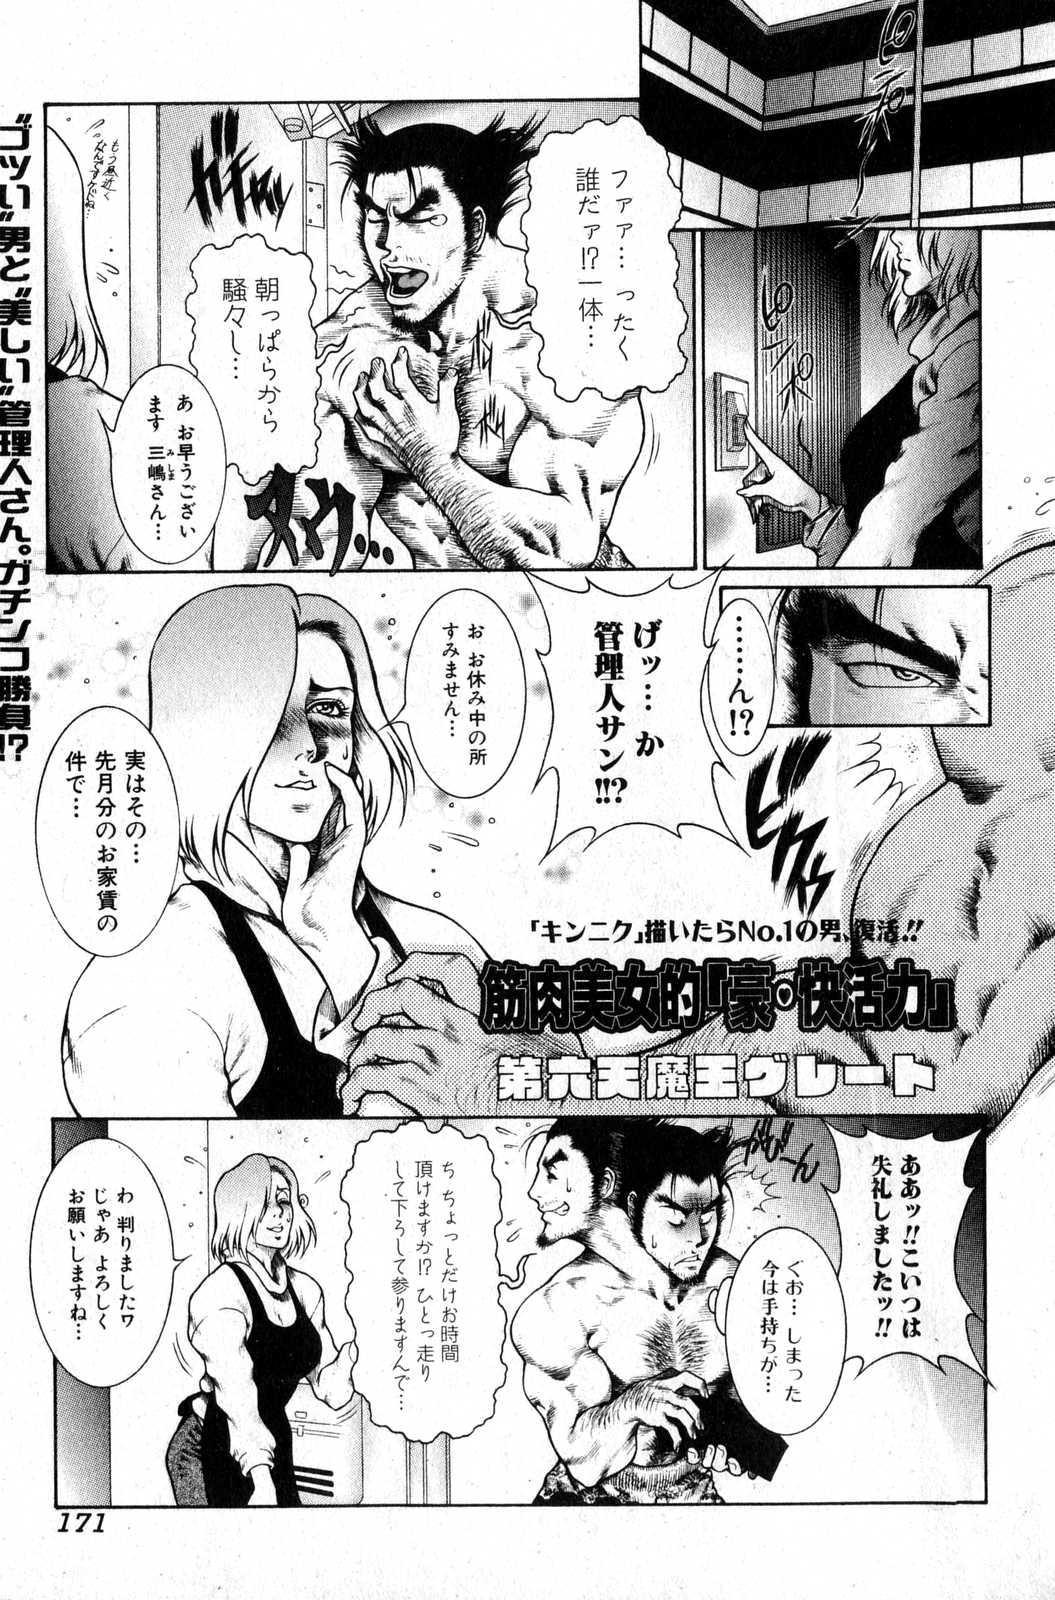 Bishoujo Teki Kaikatsu Ryoku 2007 Vol.15 170